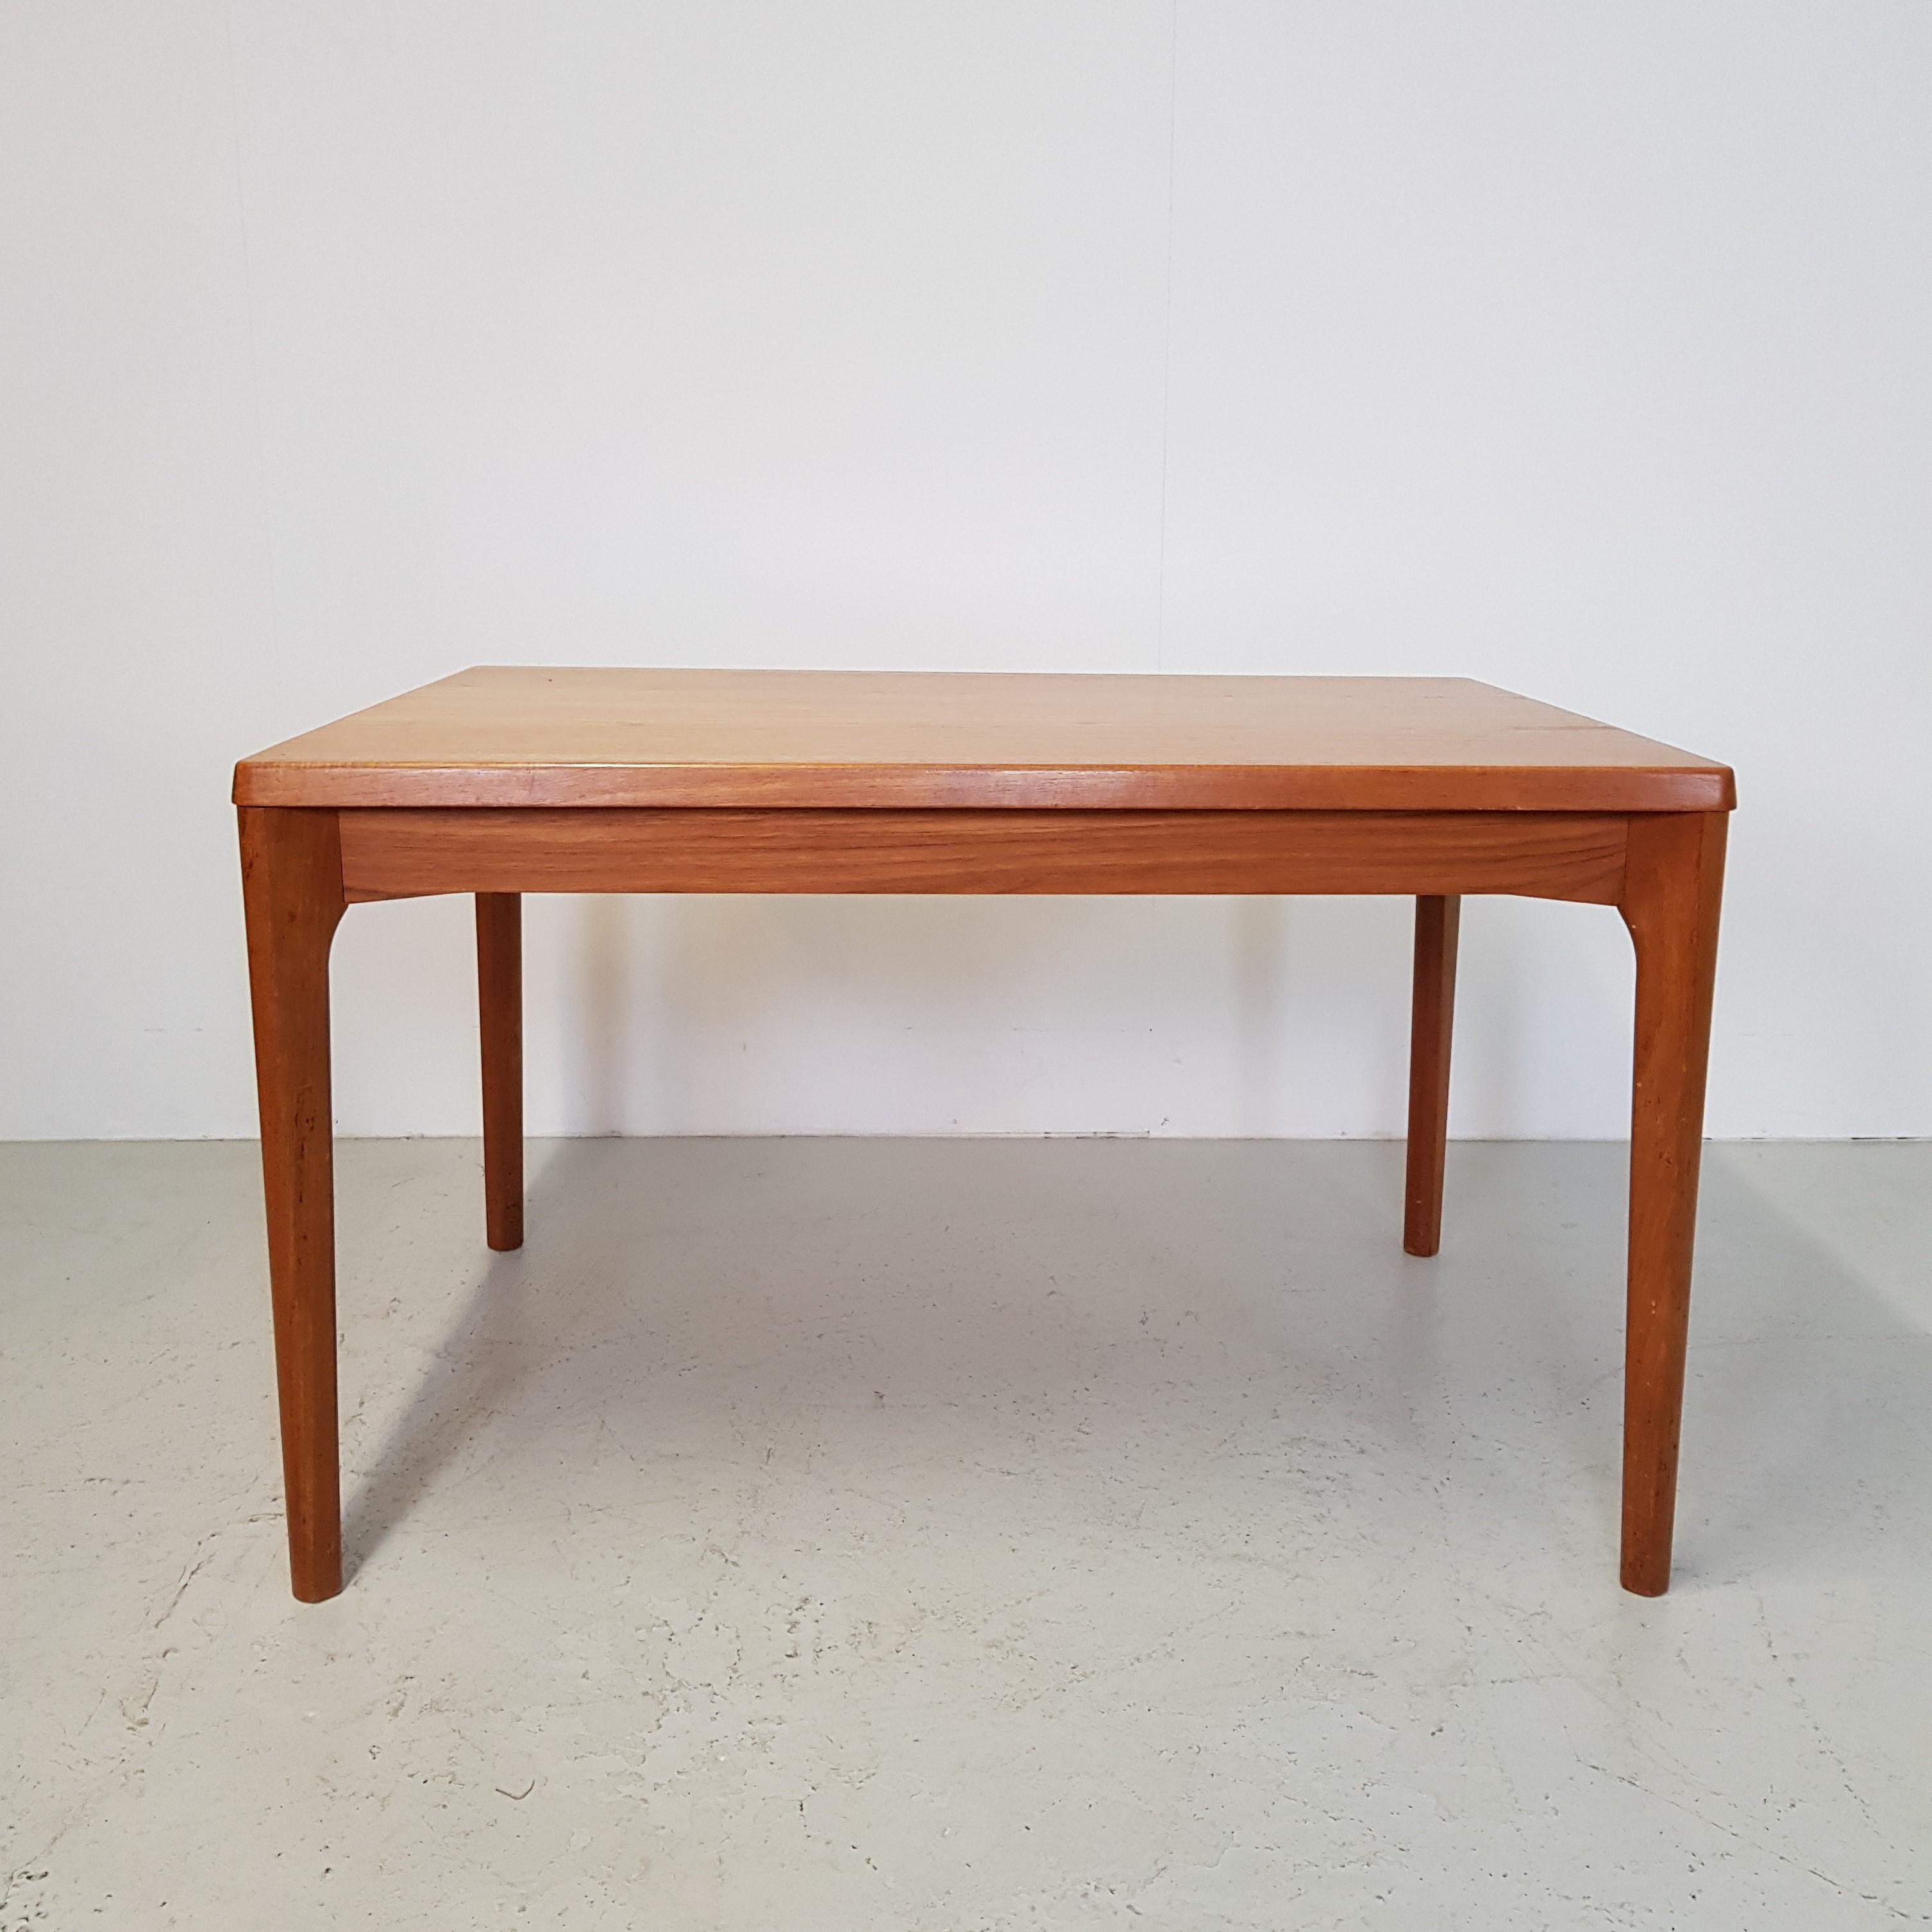 Strålende Spisebord i teak med hollandsk udtræk / Henning Kjærulf KP-93